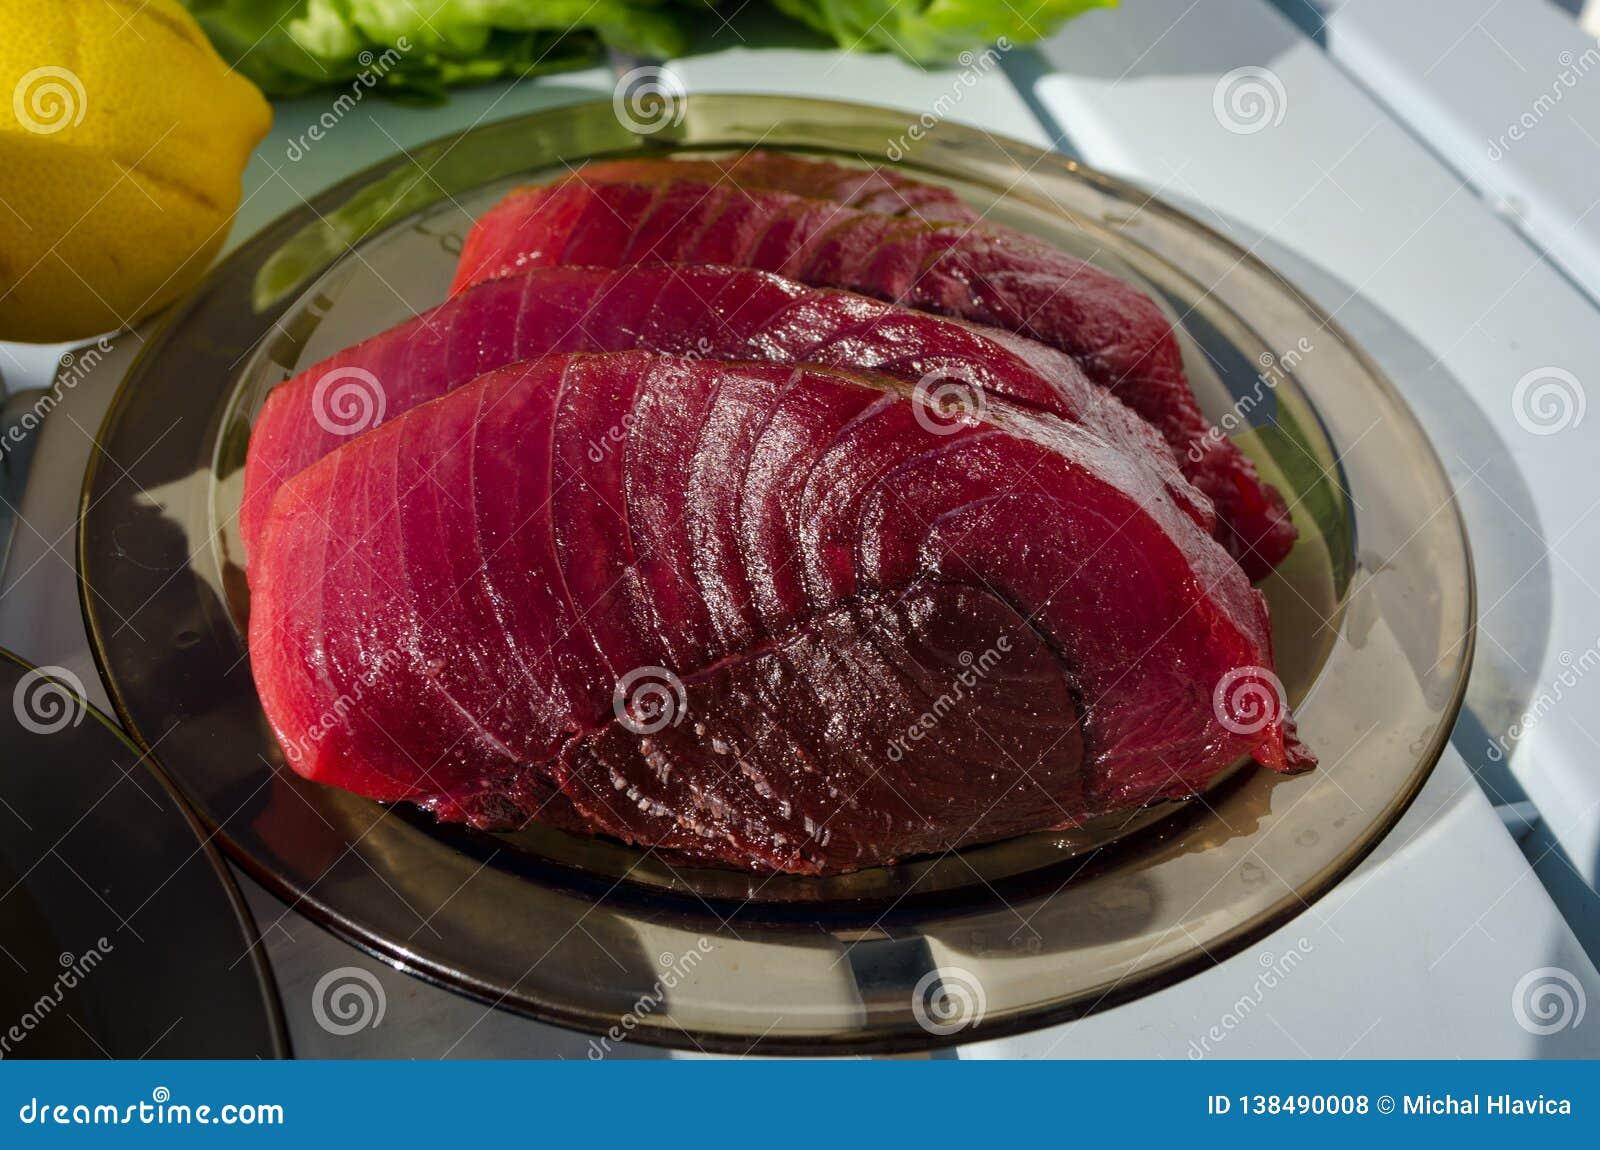 Raw fresh tuna steaks on the plate